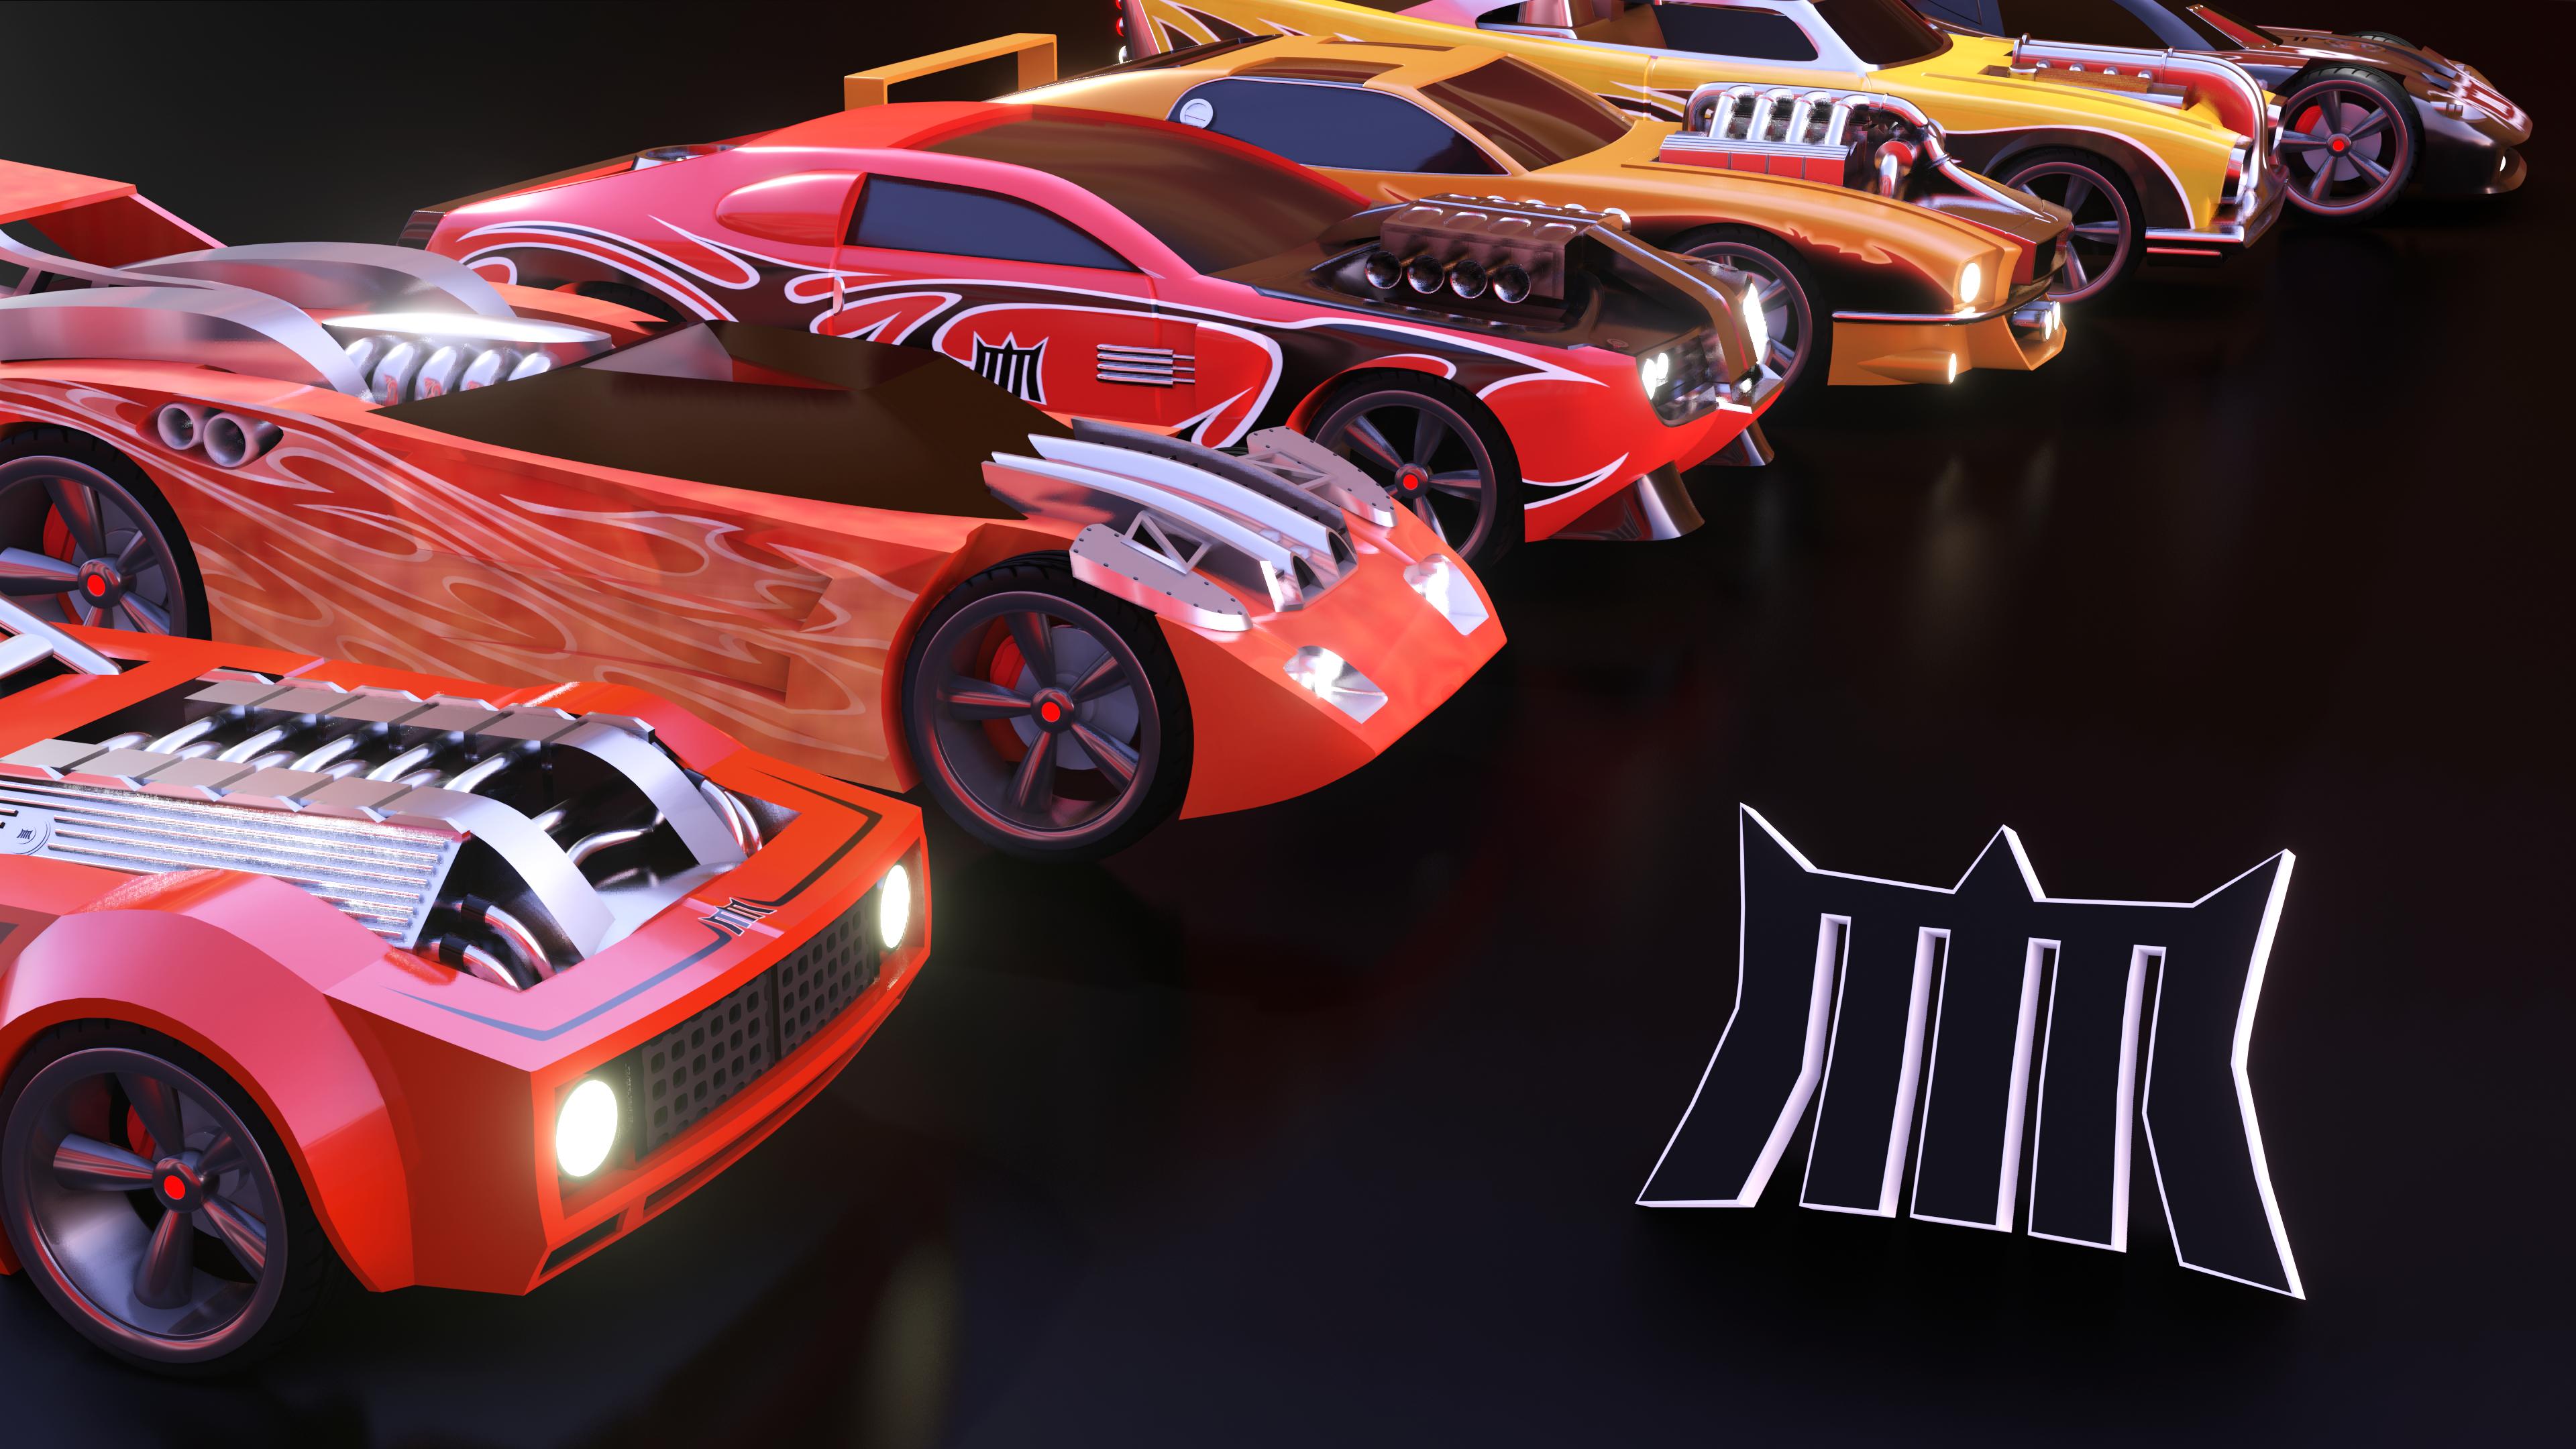 Metal Maniacs Wallpaper By Valkenvugen On Deviantart Hot Wheels Fantasy Cars Toy Car